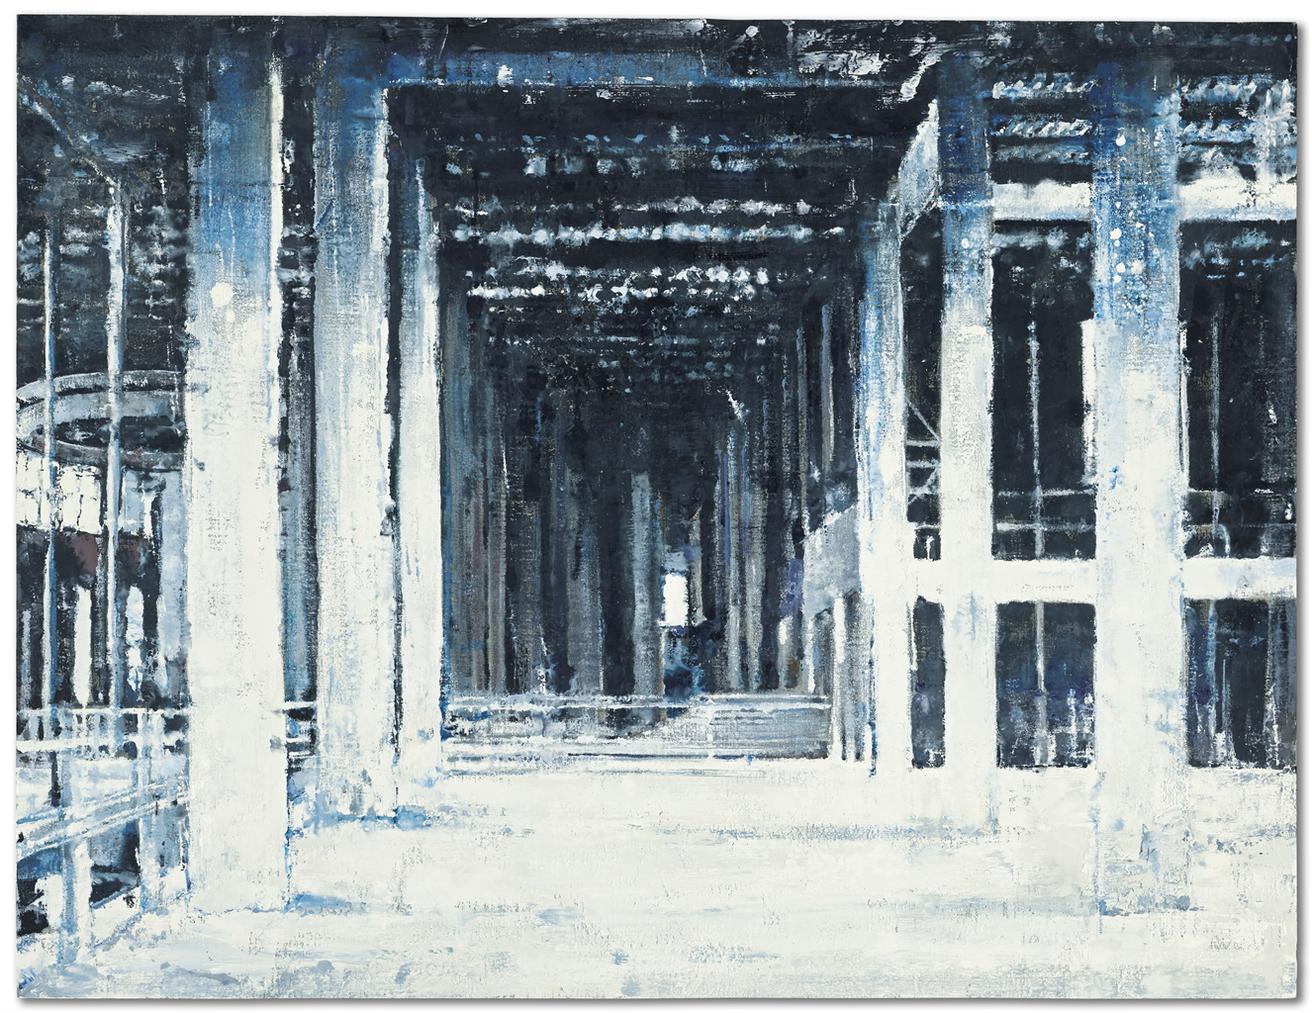 Philippe Cognee-Palais De Tokyo-2010